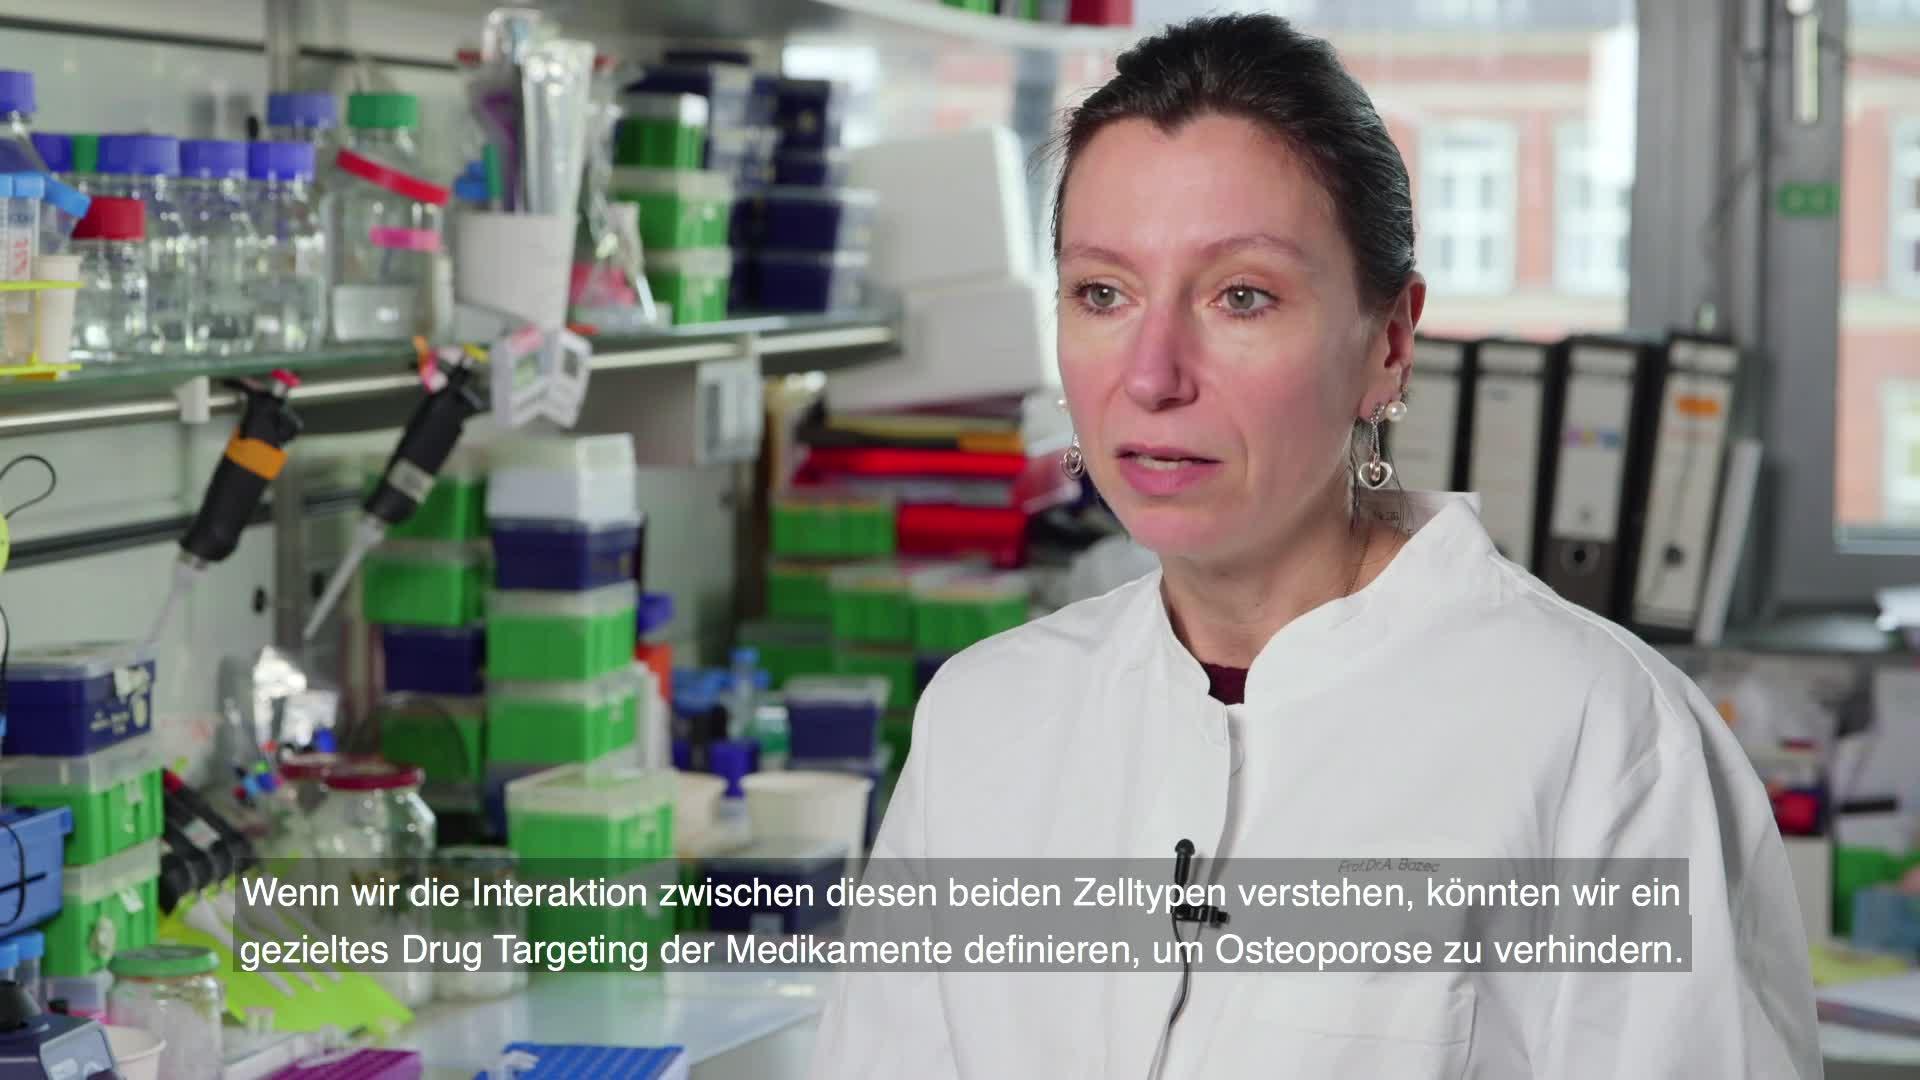 Prof. Dr. Aline Bozec - Ein Medikament gegen starken Knochenverlust preview image